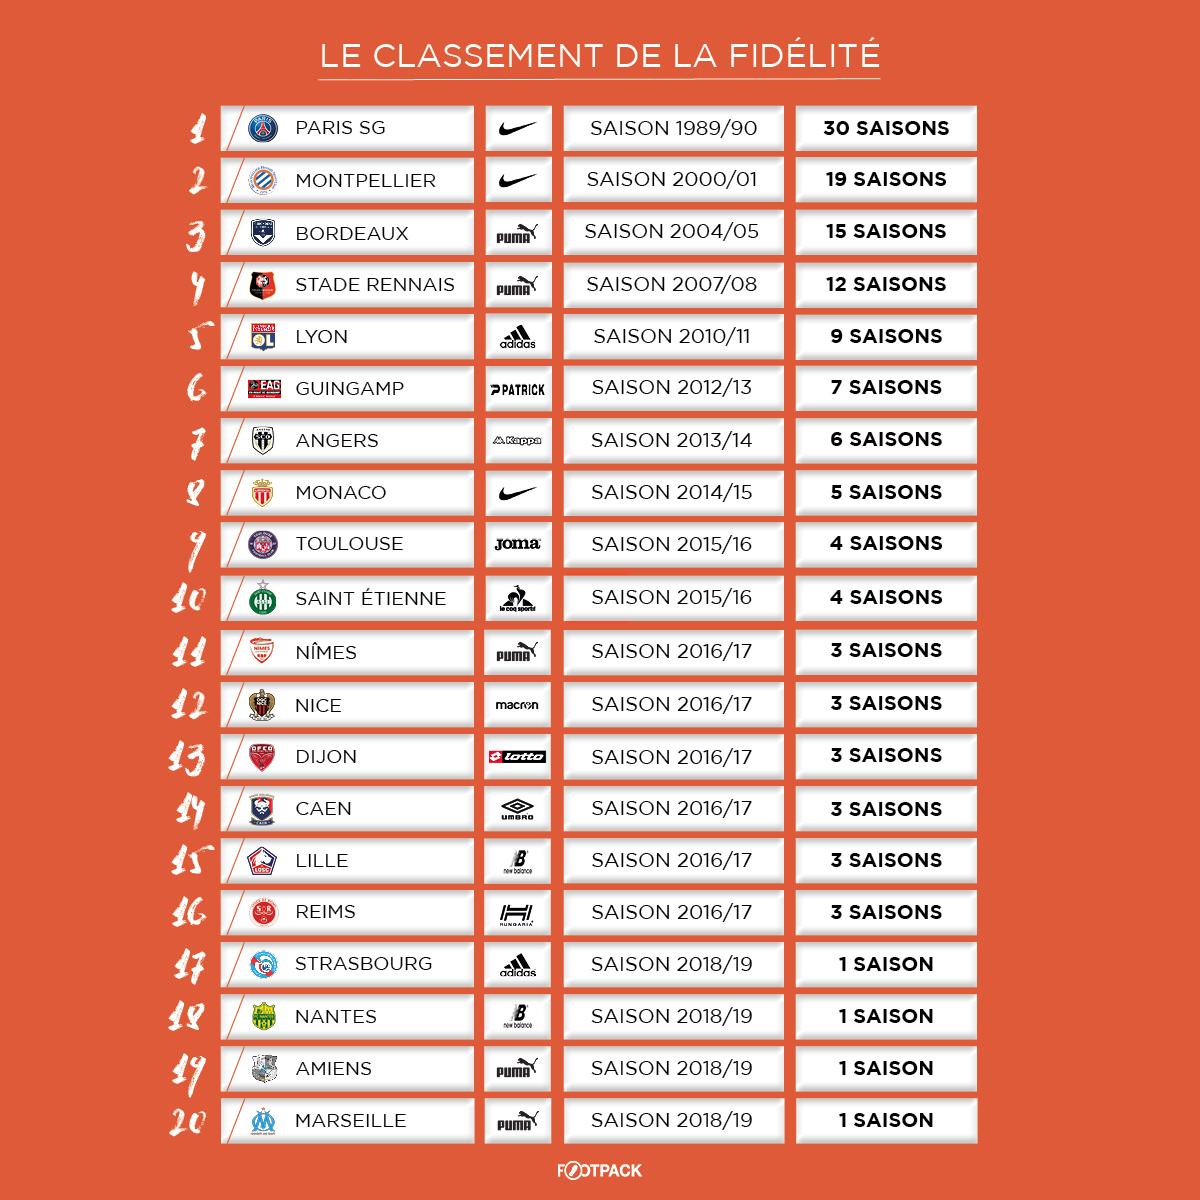 Le Classement 2019 De La Fidelite Clubs Equipementiers En Ligue 1